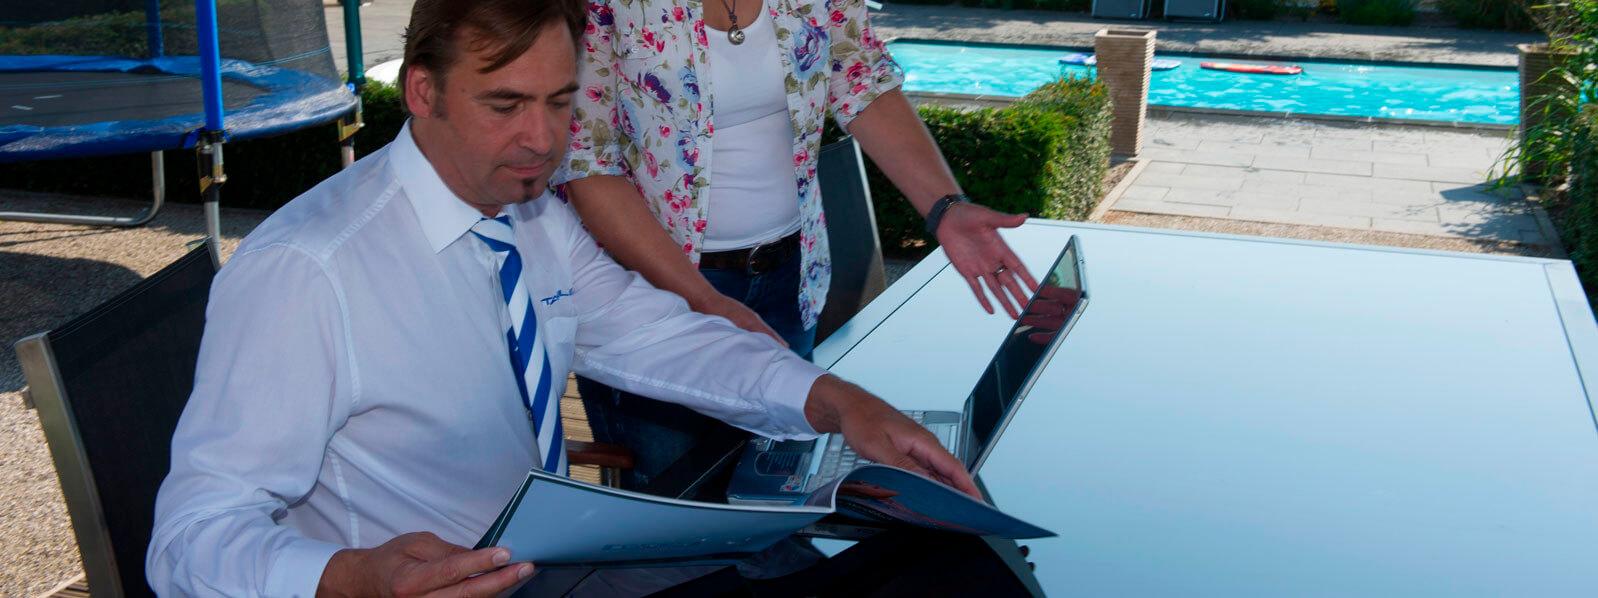 PWS Planungsservice rund um den Pool